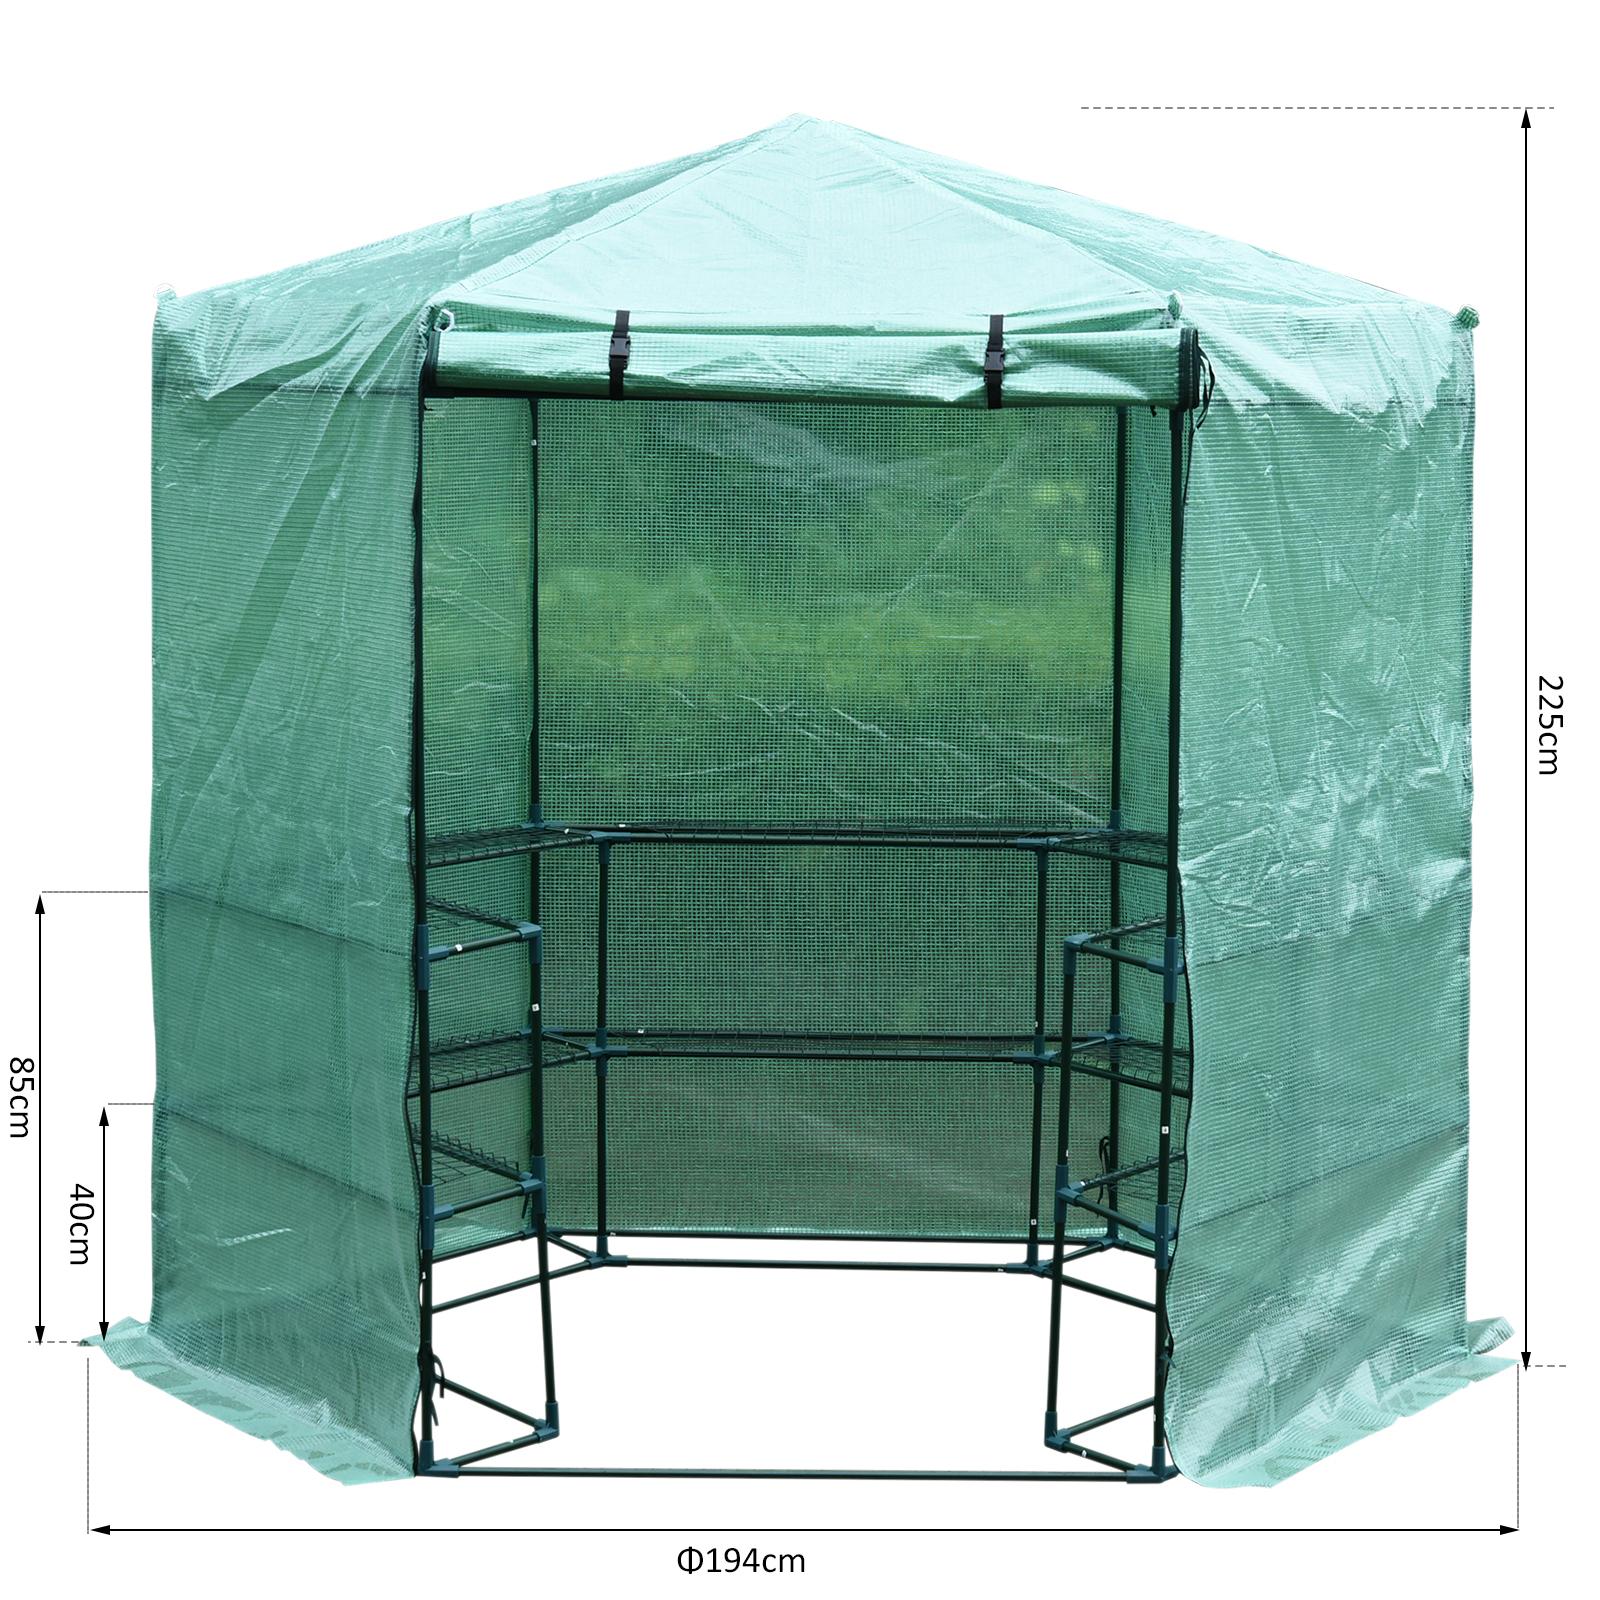 Hexagon Walk-in Greenhouse Garden Planter Flower Grow Zipper Door φ194 x 225H cm £64.99 @ 2011homcom eBay